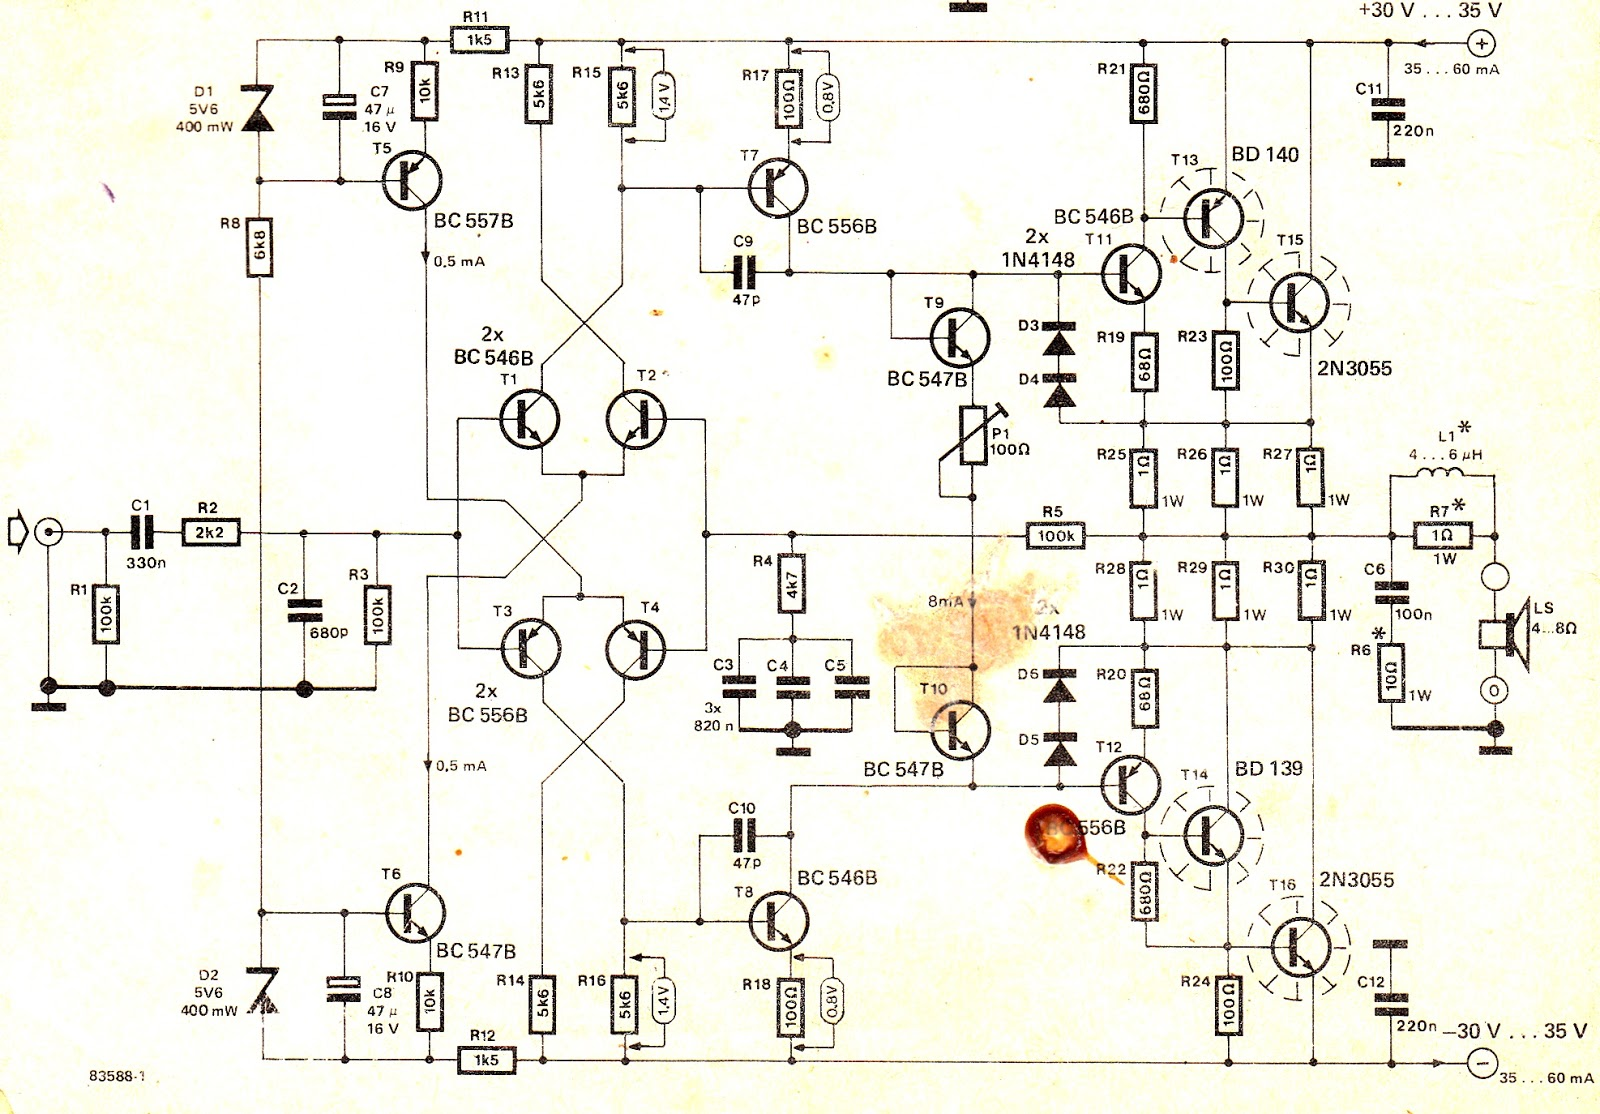 How to Make a HiFi 100 Watt Amplifier Circuit Using